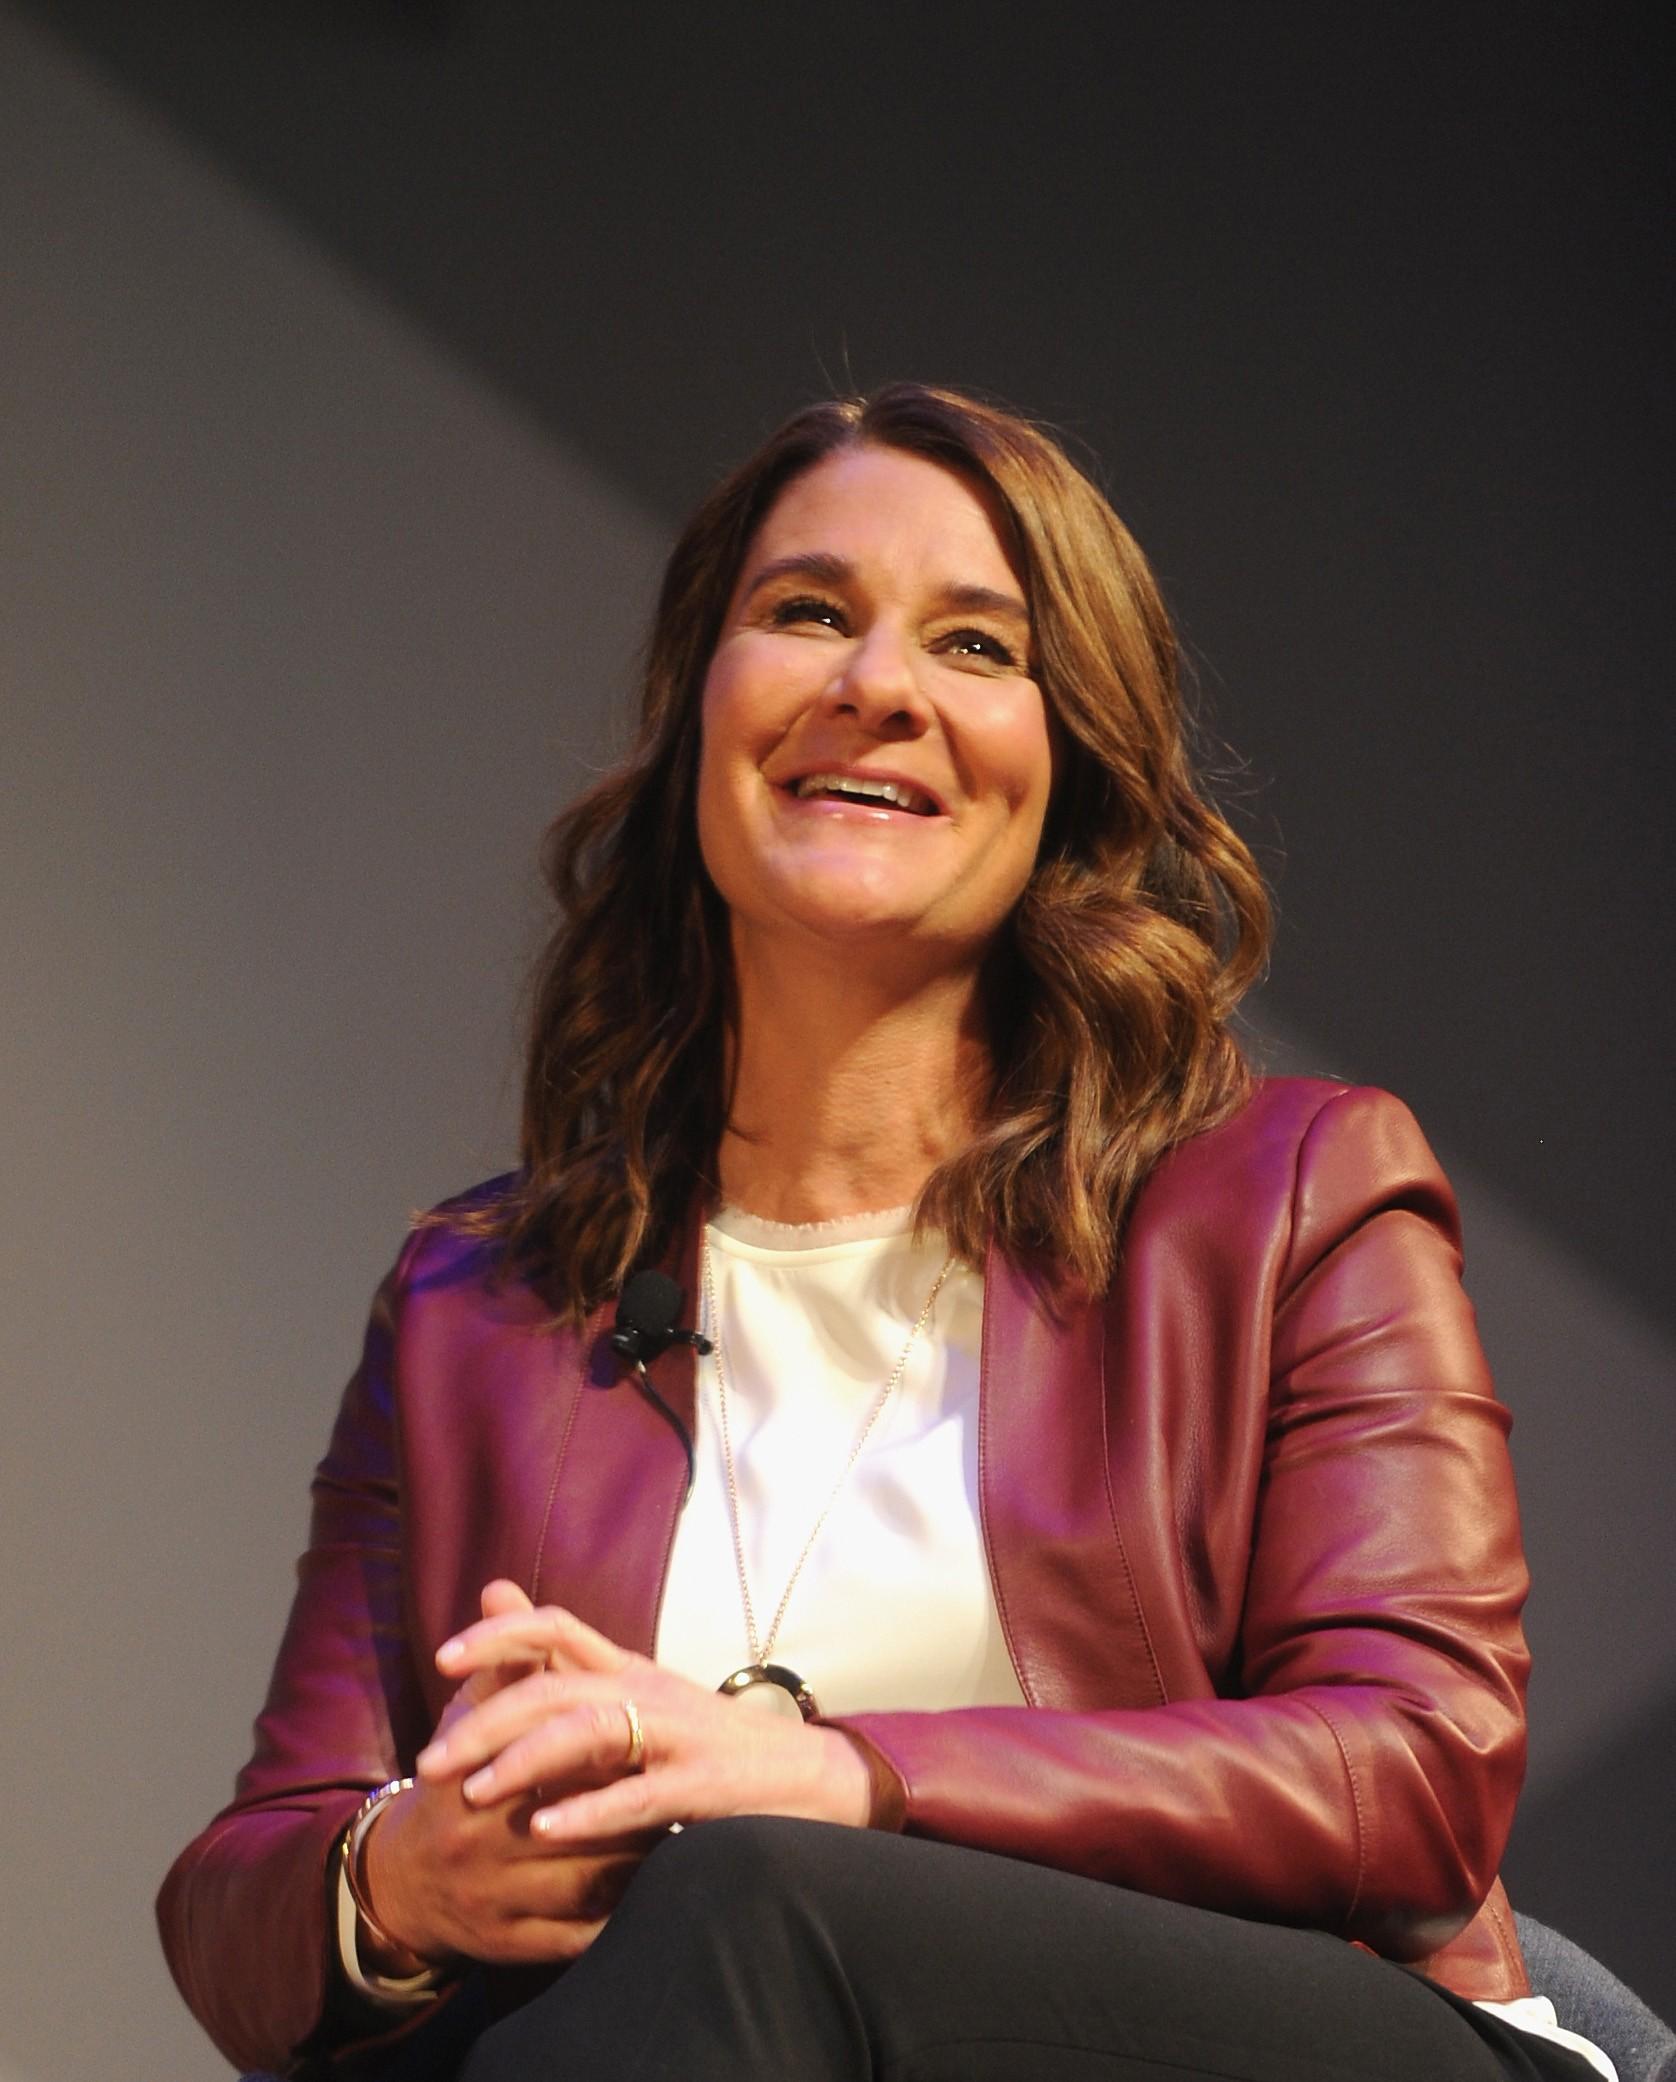 Melinda Gates tem um plano bilionário em prol da igualdade de gênero - GQ